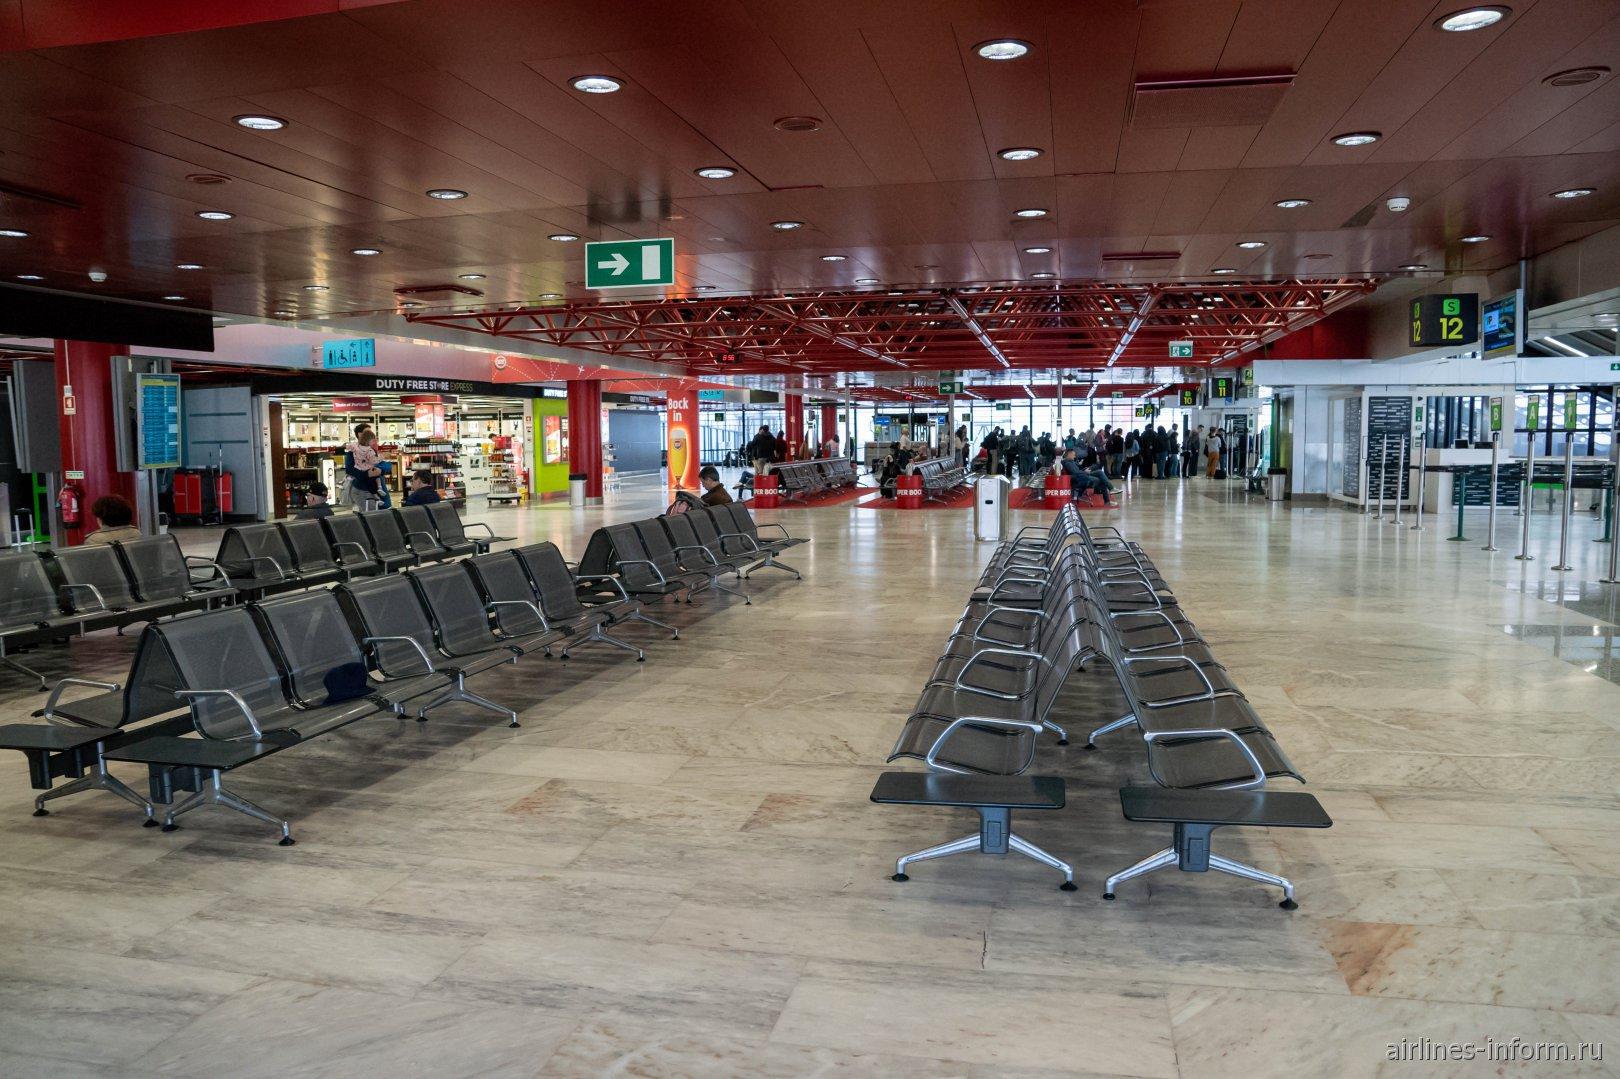 В чистой зоне терминала 1 аэропорта Лиссабон им. Умберту Делгаду